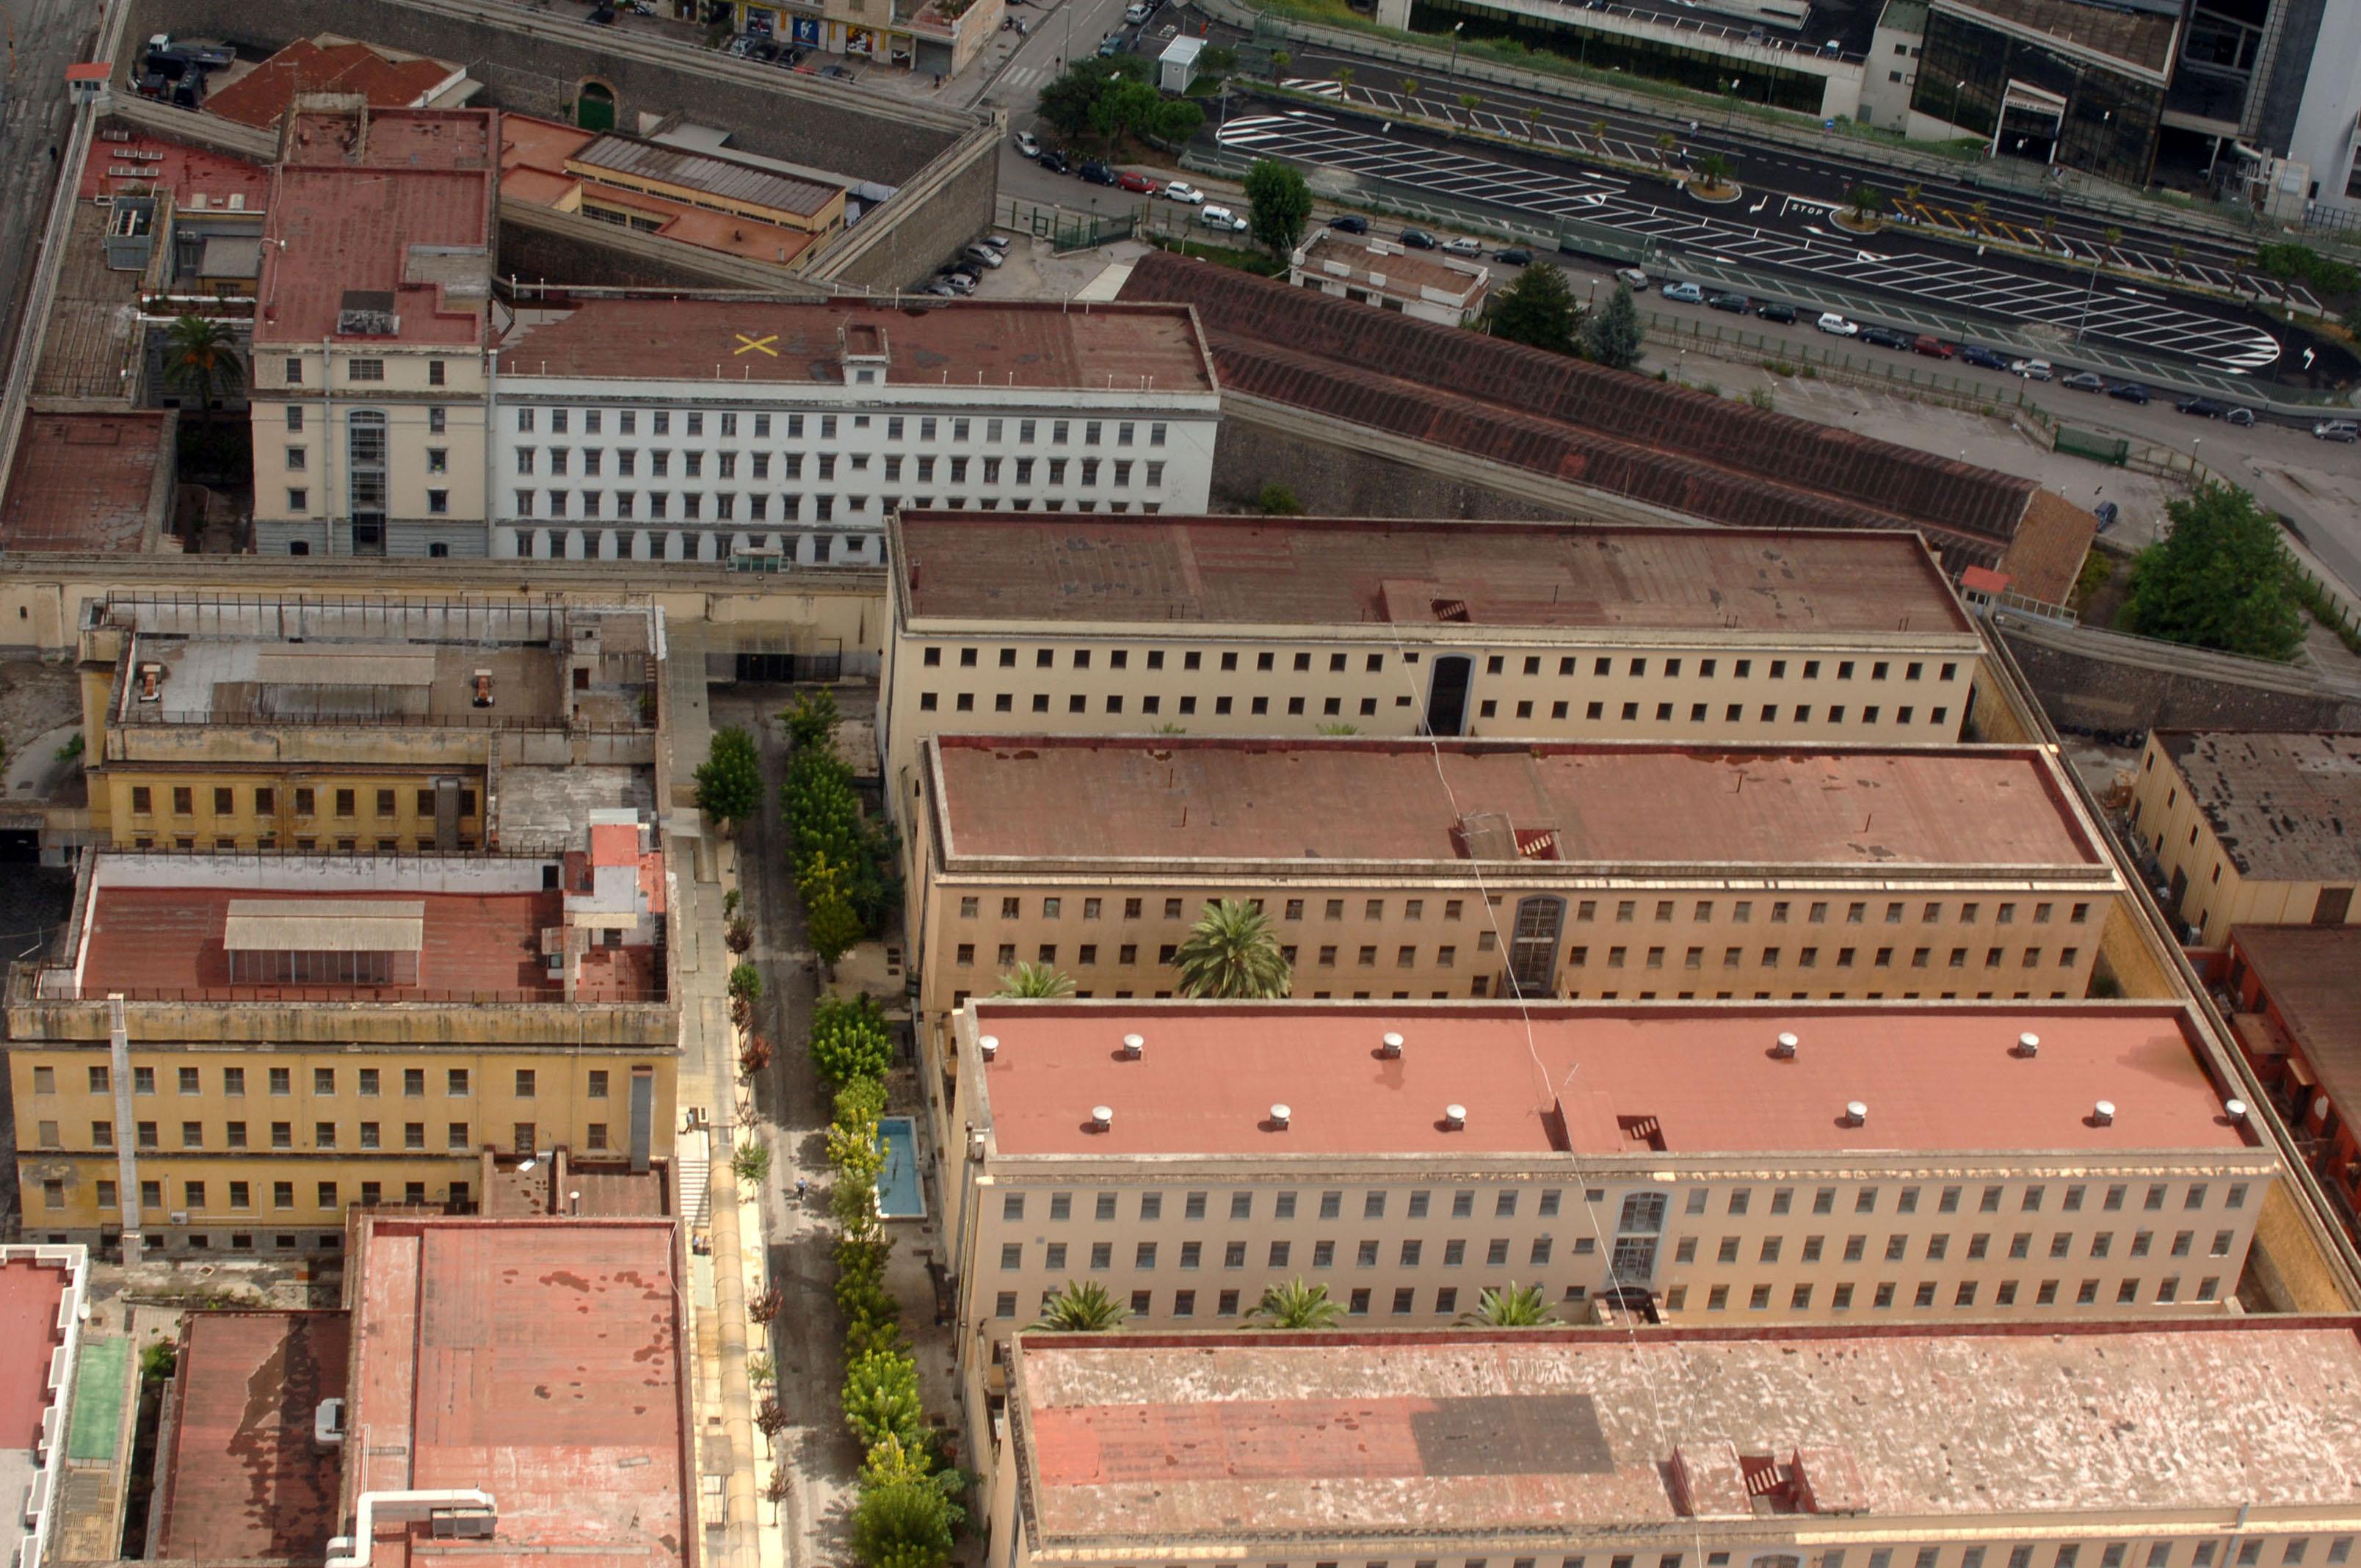 Inferno carcere Poggioreale, oltre 2300 detenuti rispetto ai circa mille posti letto